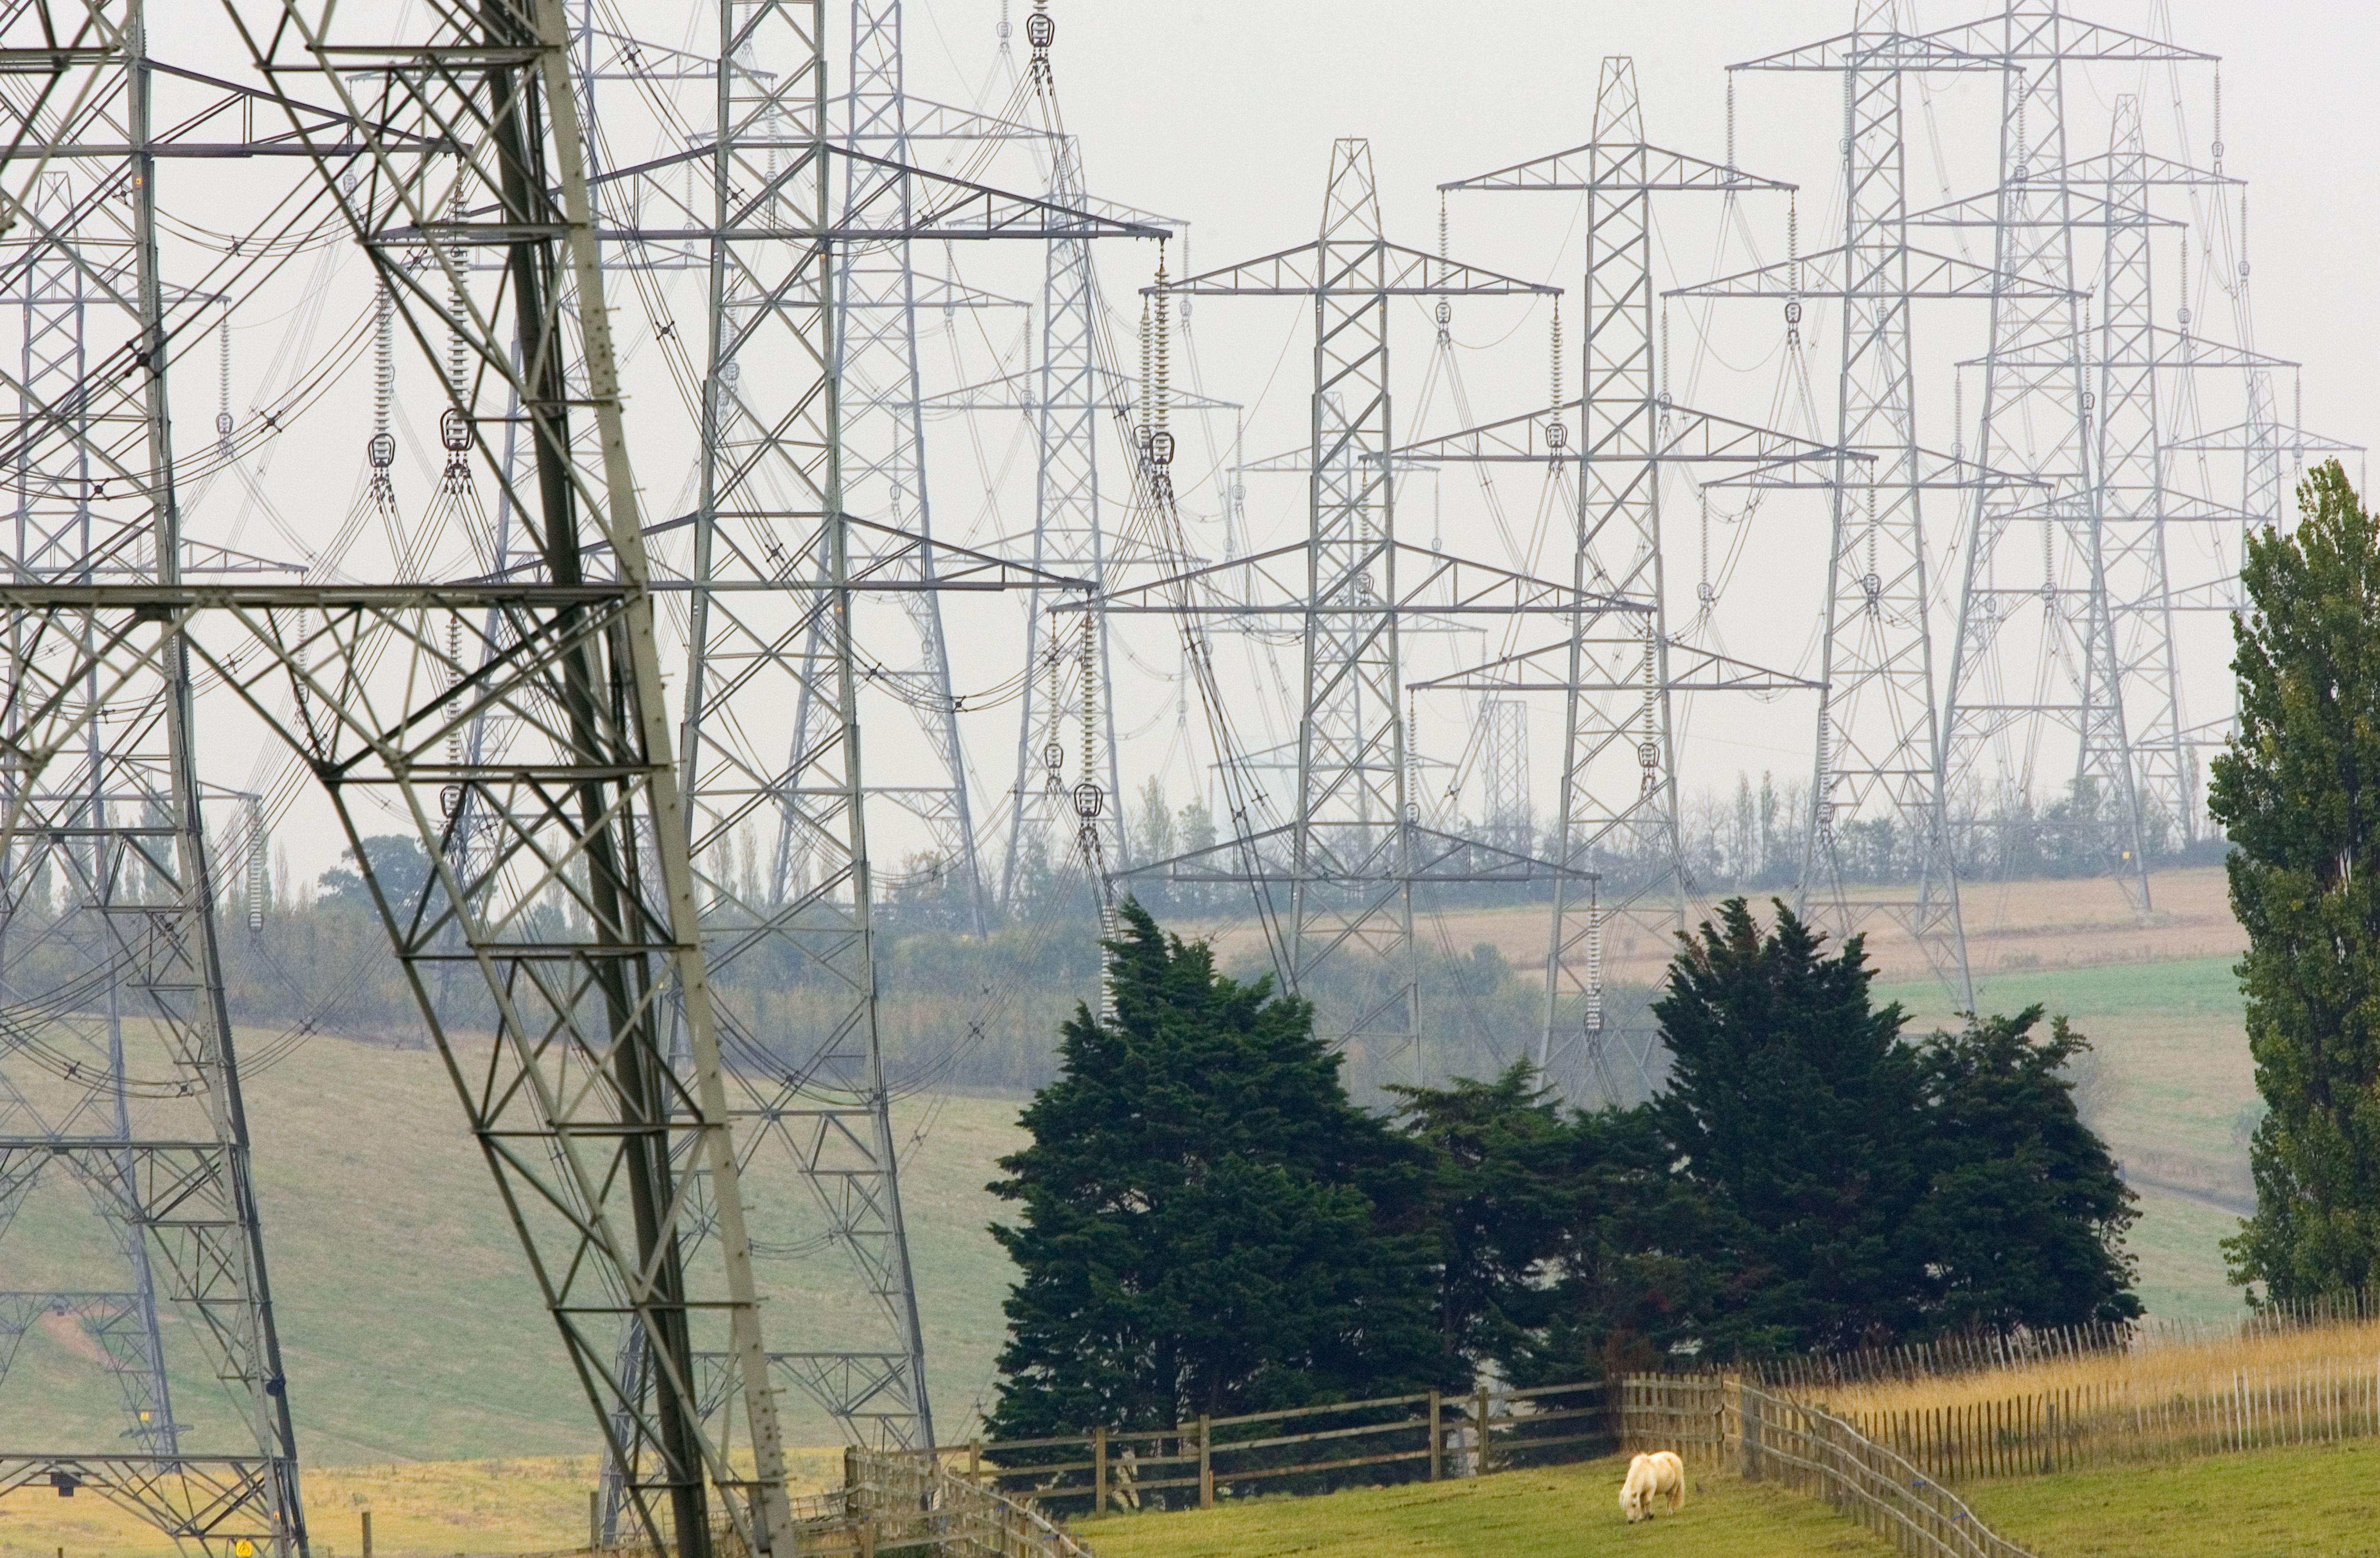 Pylons, Αγγλία, Ηνωμένο Βασίλειο